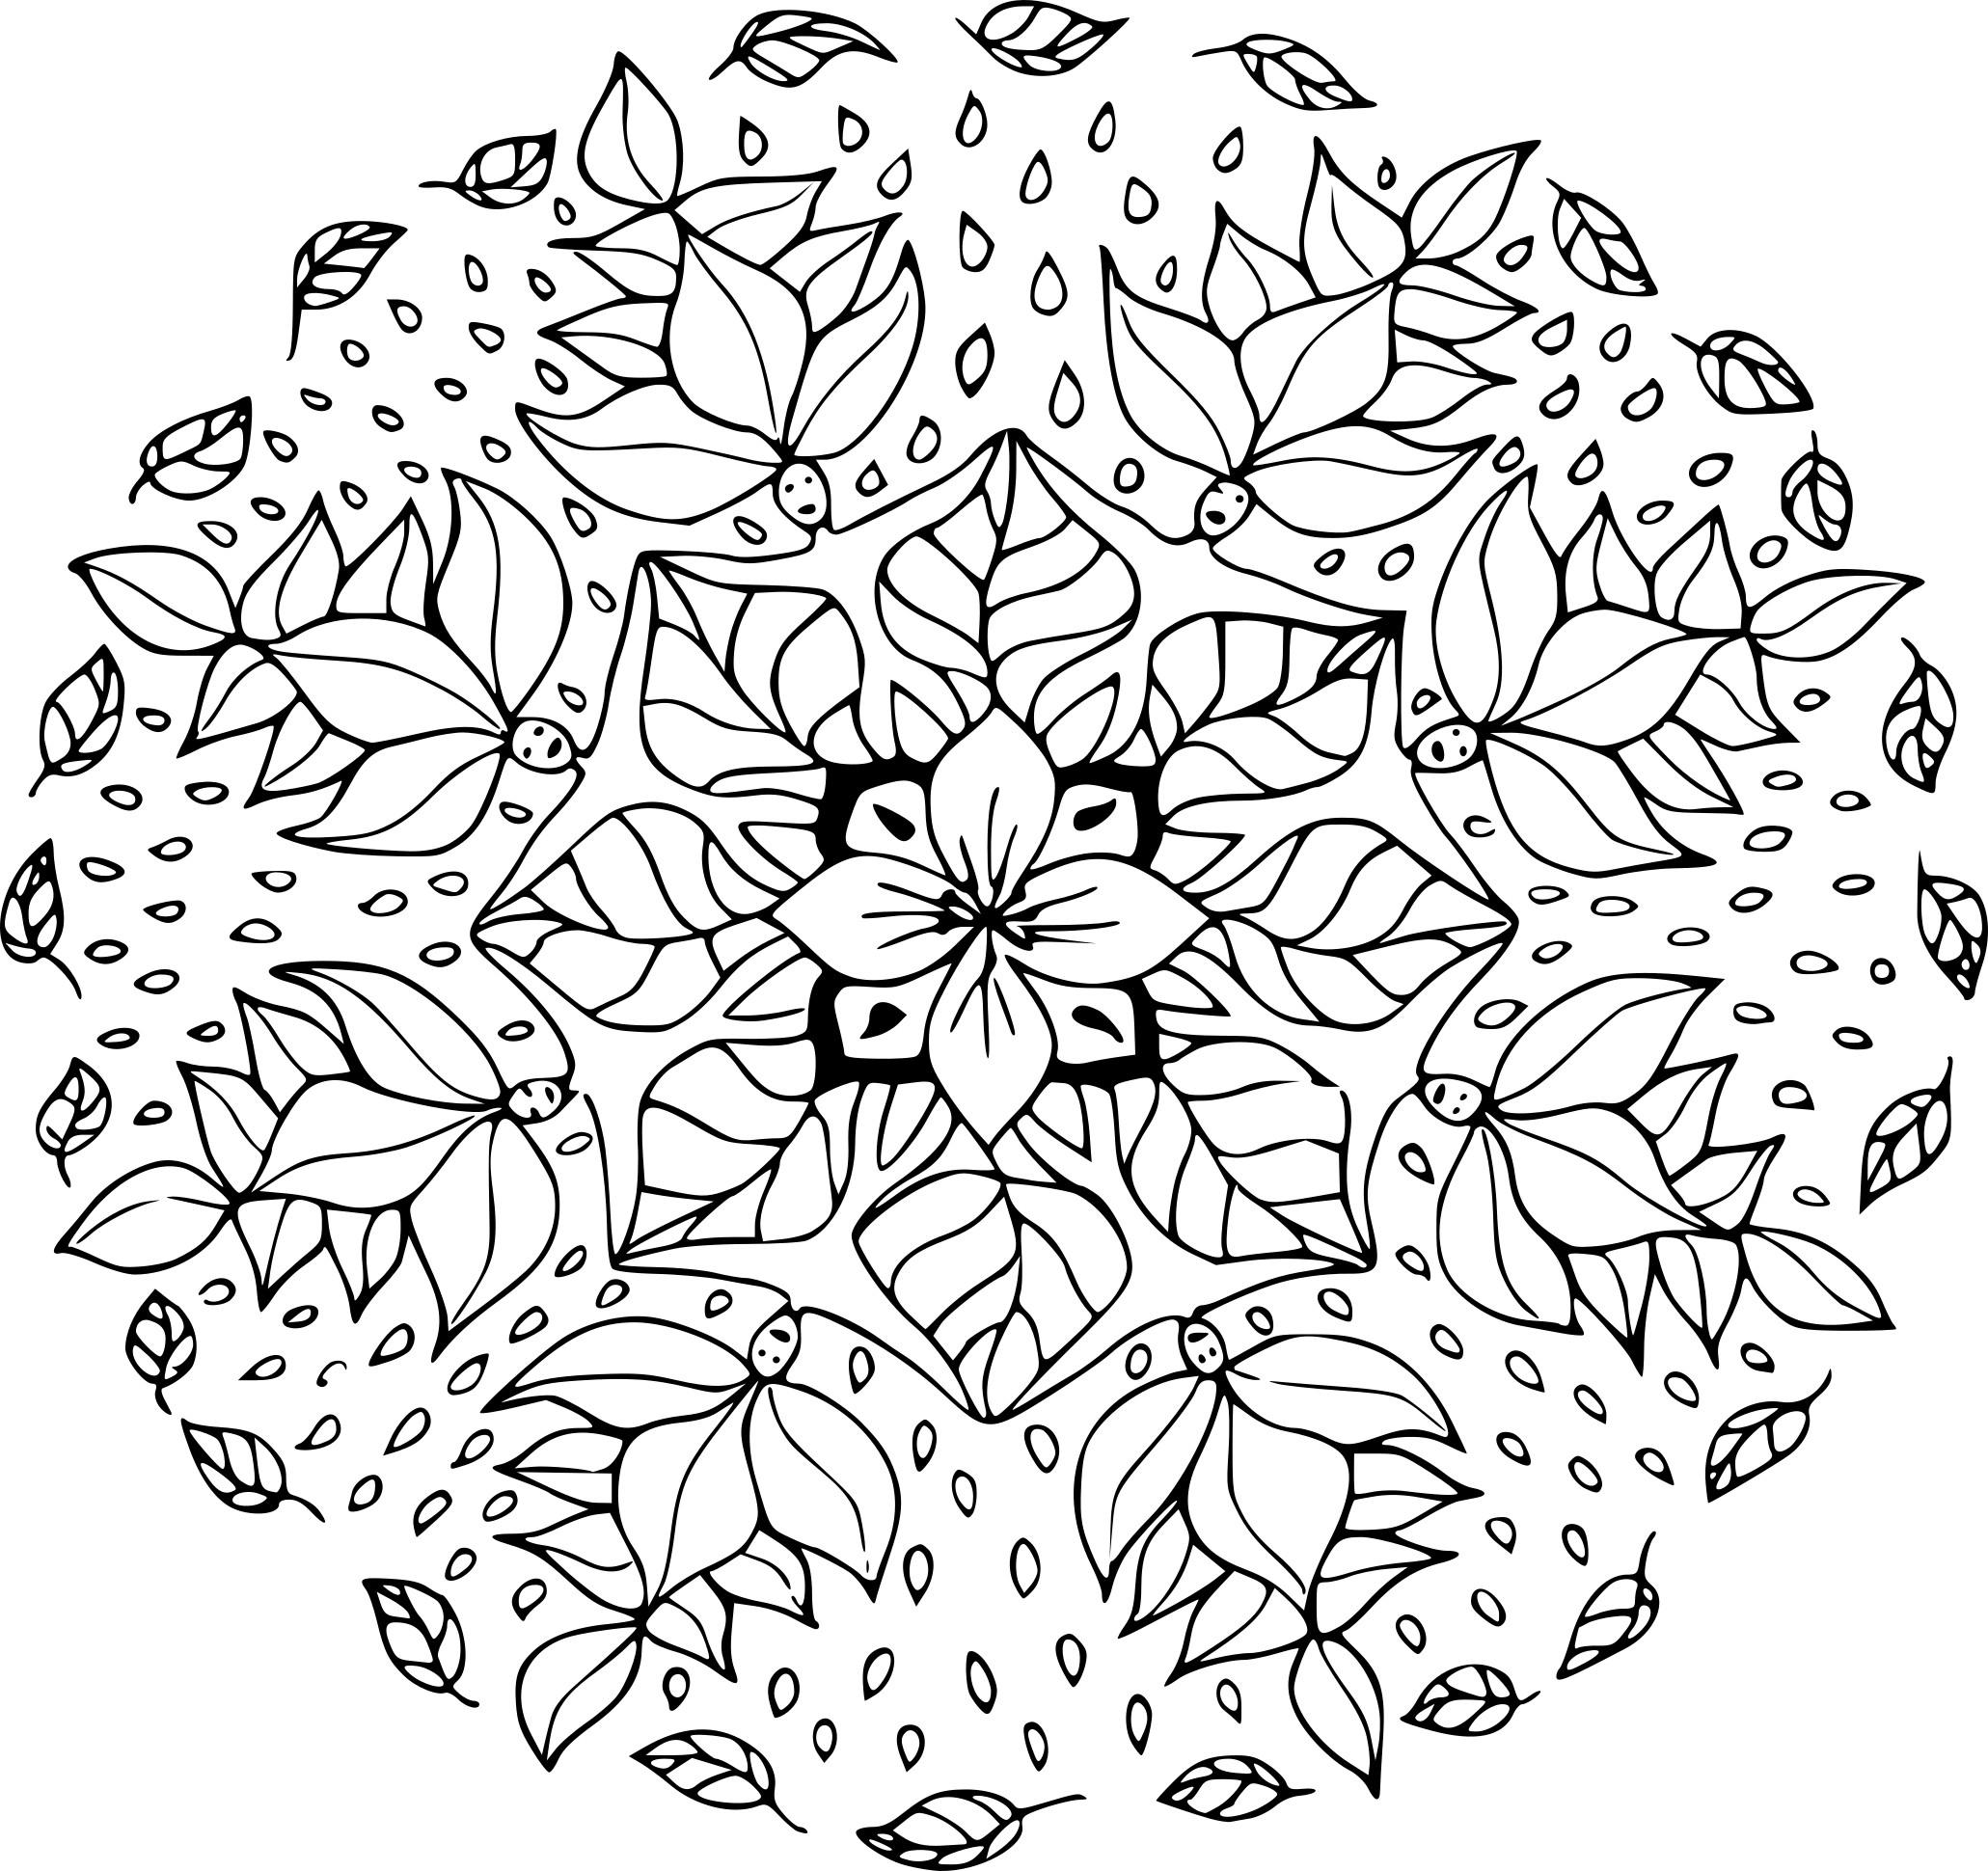 Coloriage Mandala Feuille D'automne À Imprimer Sur dedans Dessin De Feuille D Arbre À Imprimer